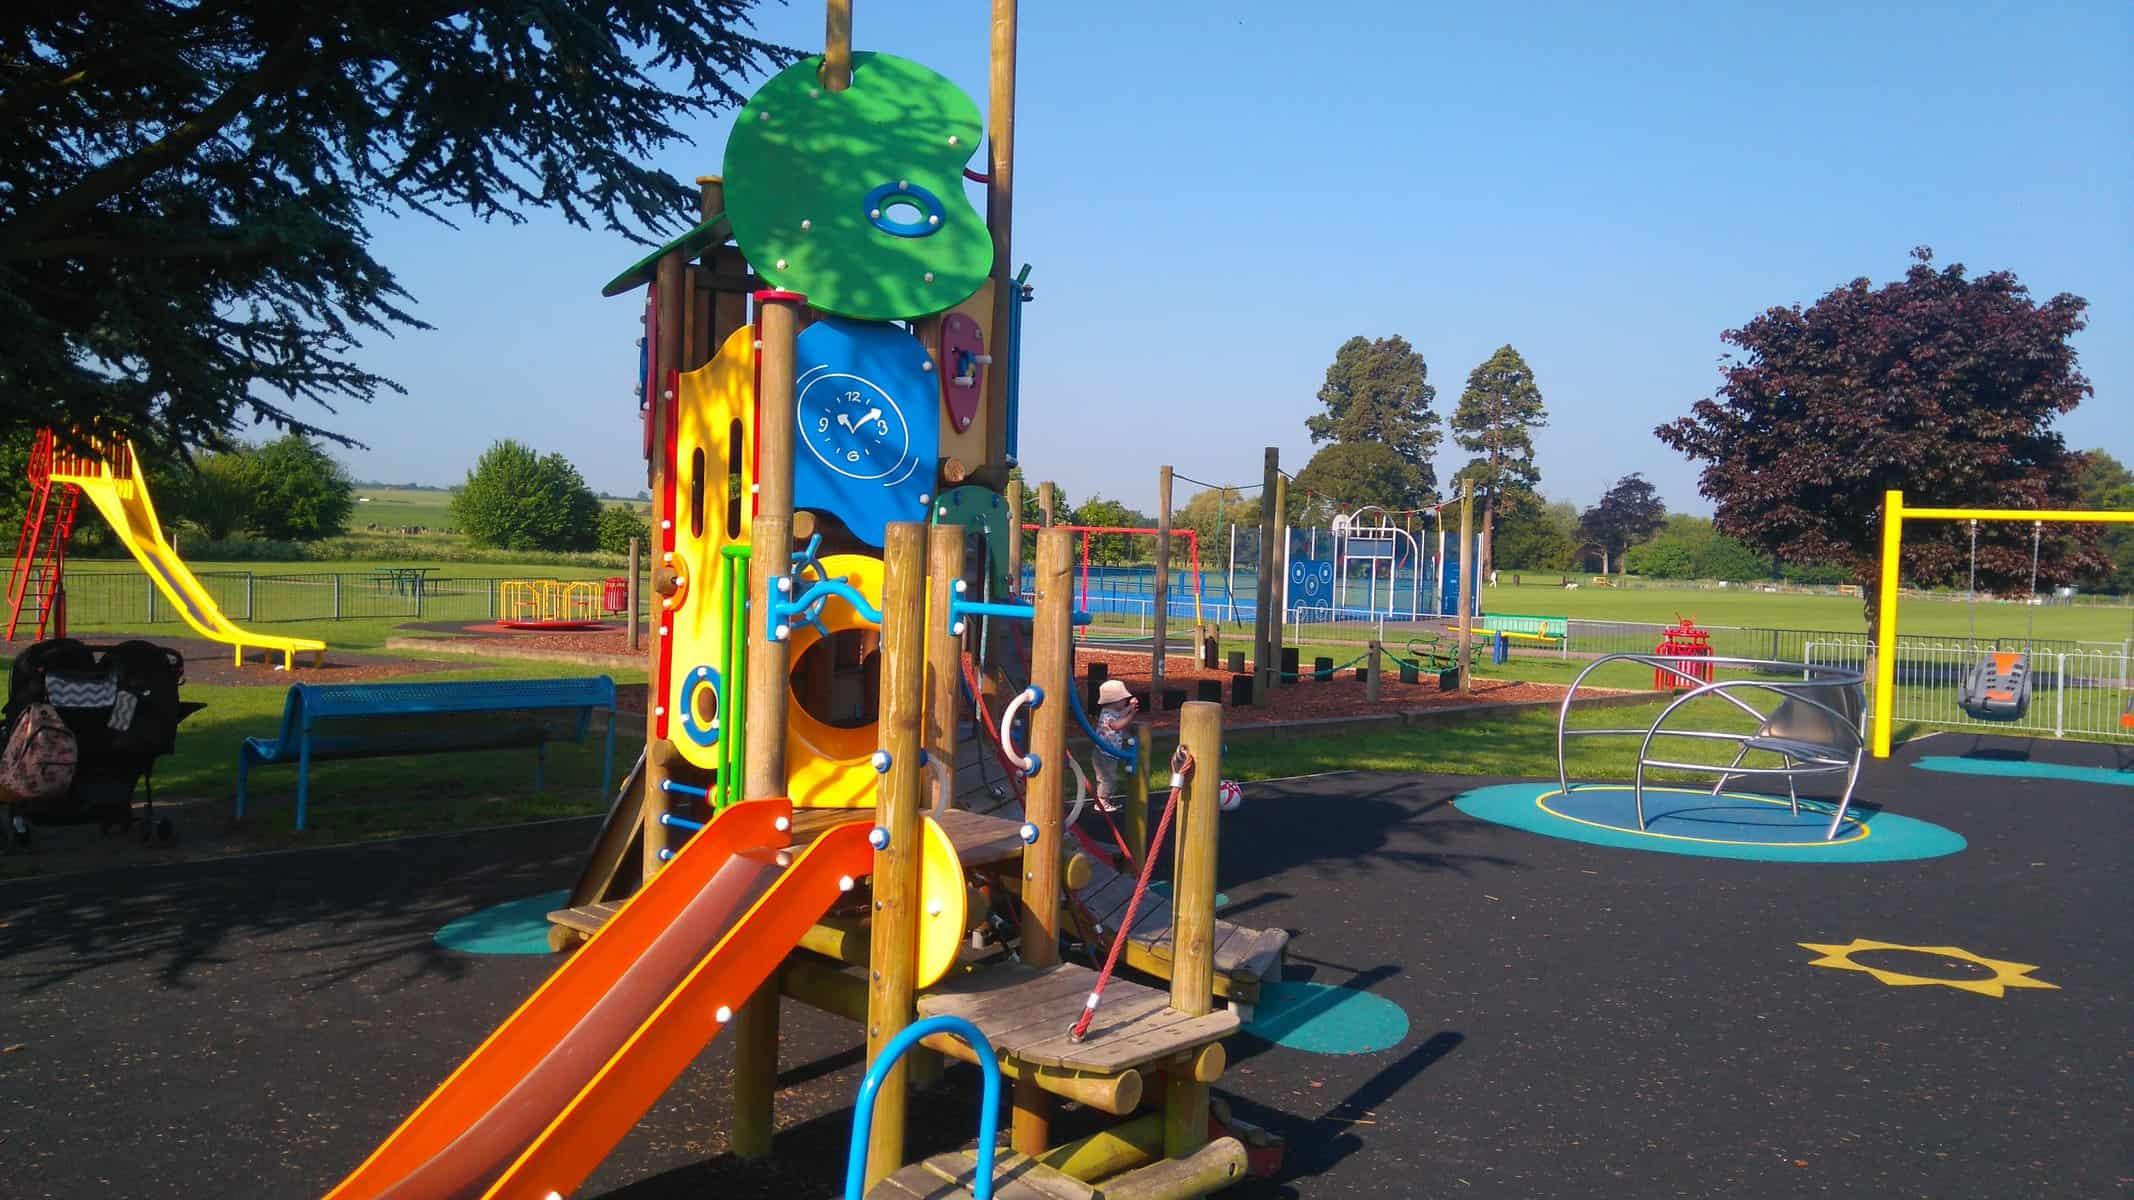 Aston Clinton Park